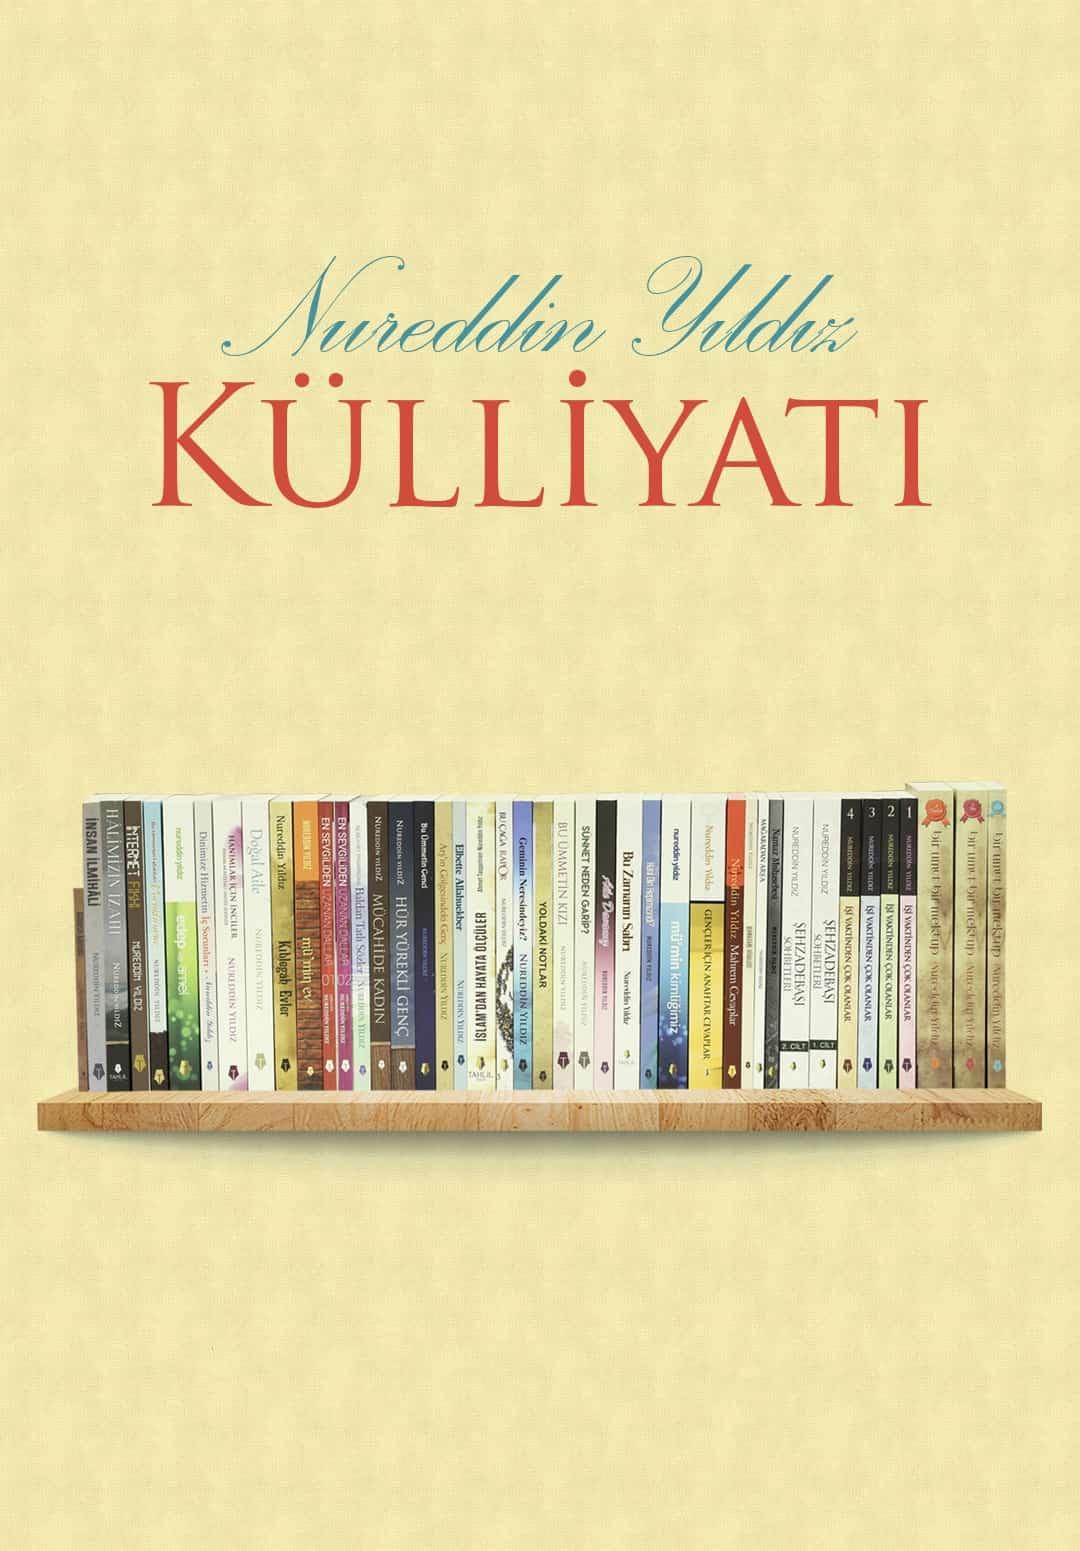 Nureddin Yıldız Külliyatı 43 Kitaplık Set